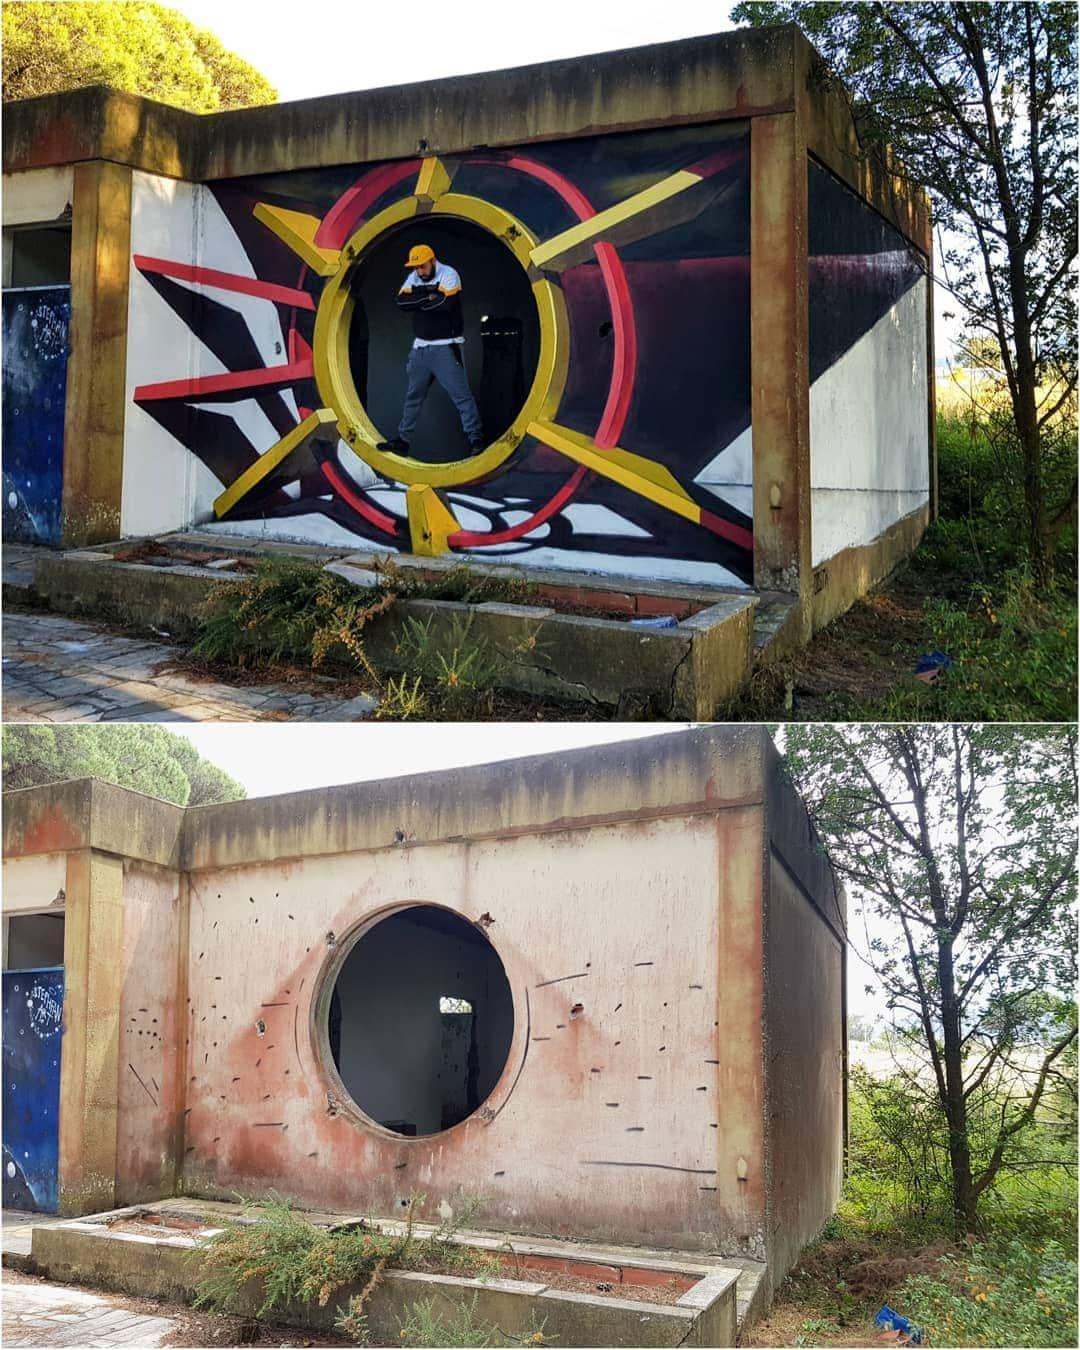 1565697716 9b3d1df44aa505e44b1f6c69ddf90e43 - 20 работ художника, который превращает невзрачные стены в невероятно реалистичные 3D-граффити